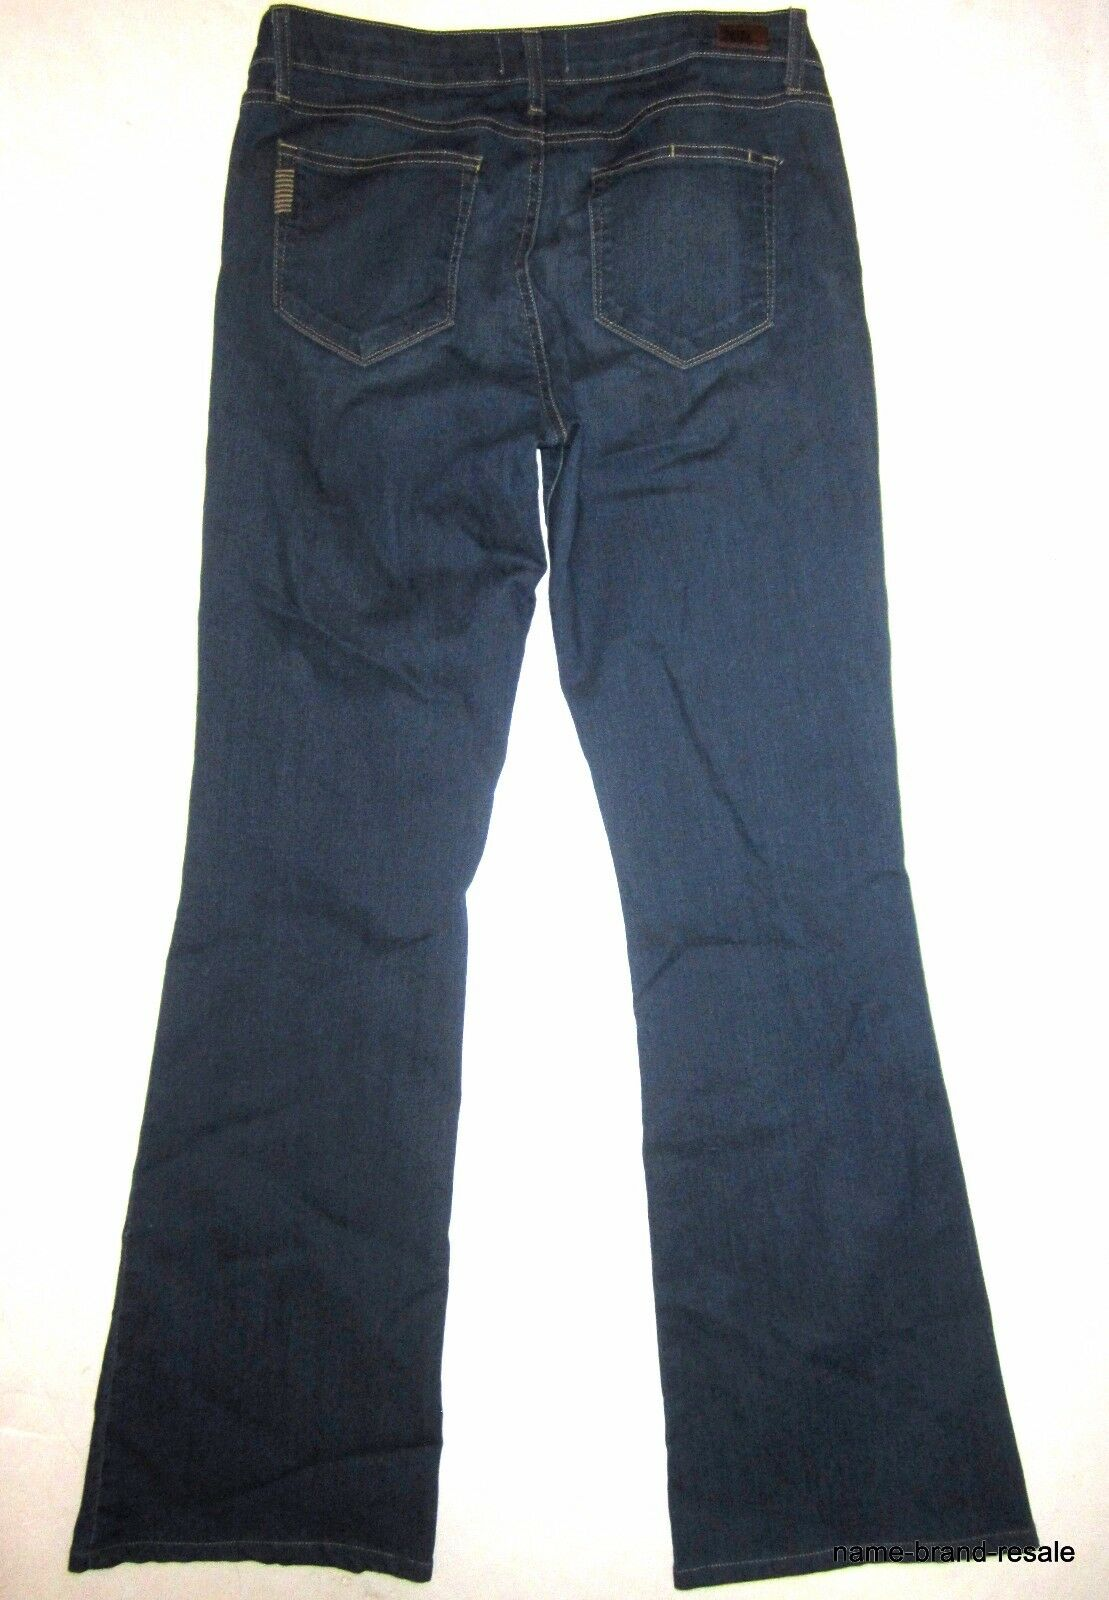 PAIGE Premium Denim JEANS damen 31 x 33 SKYLINE Stiefel Leg Dark Wash Stiefelcut EUC